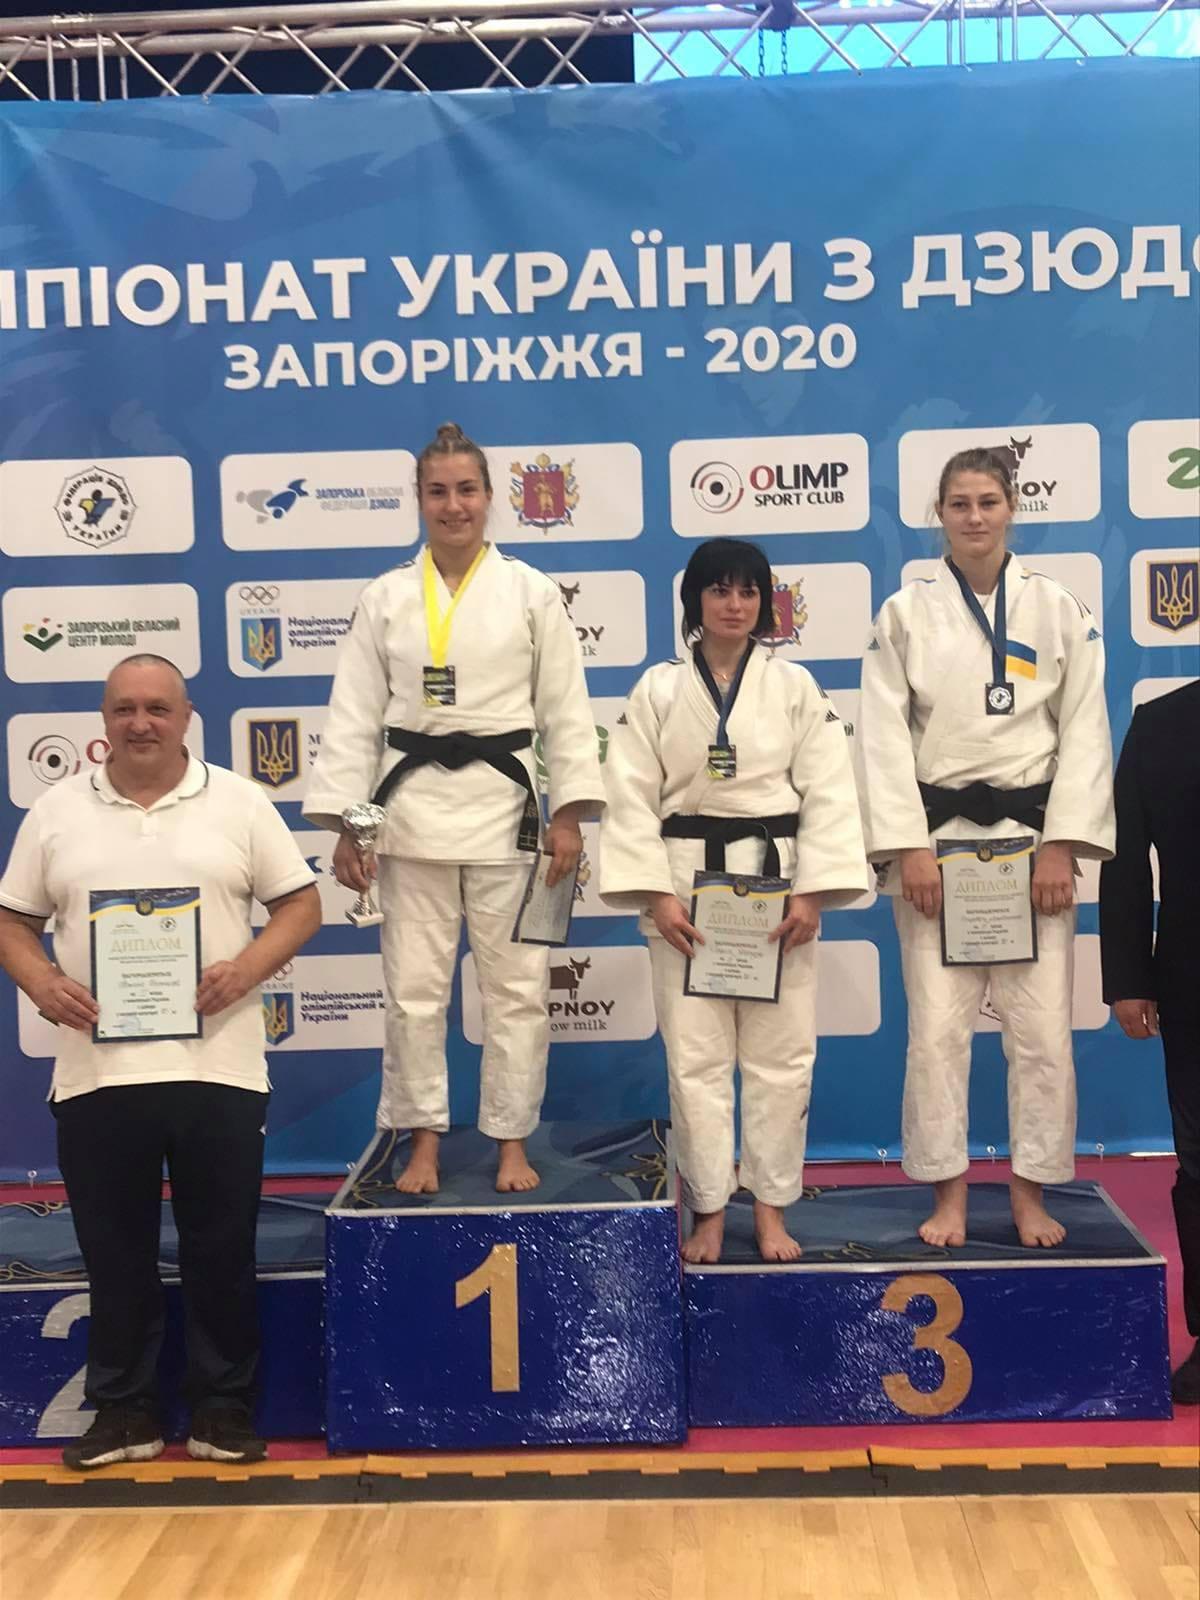 чемпіонат, дзюдо, Наталія Чистякова, перемога